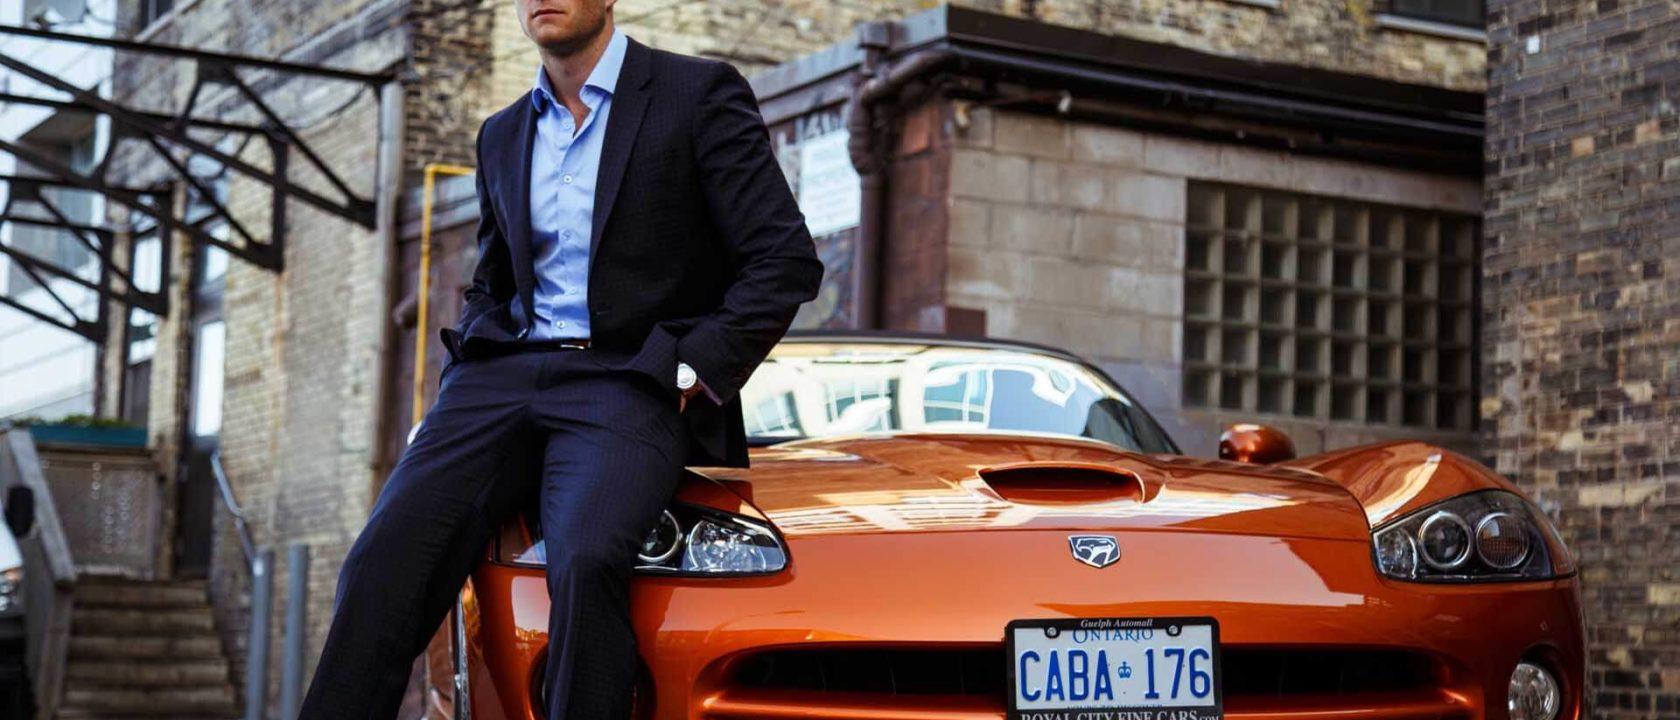 Şık giyimli bir adam turuncu spor arabasının kaputuna oturmuş.